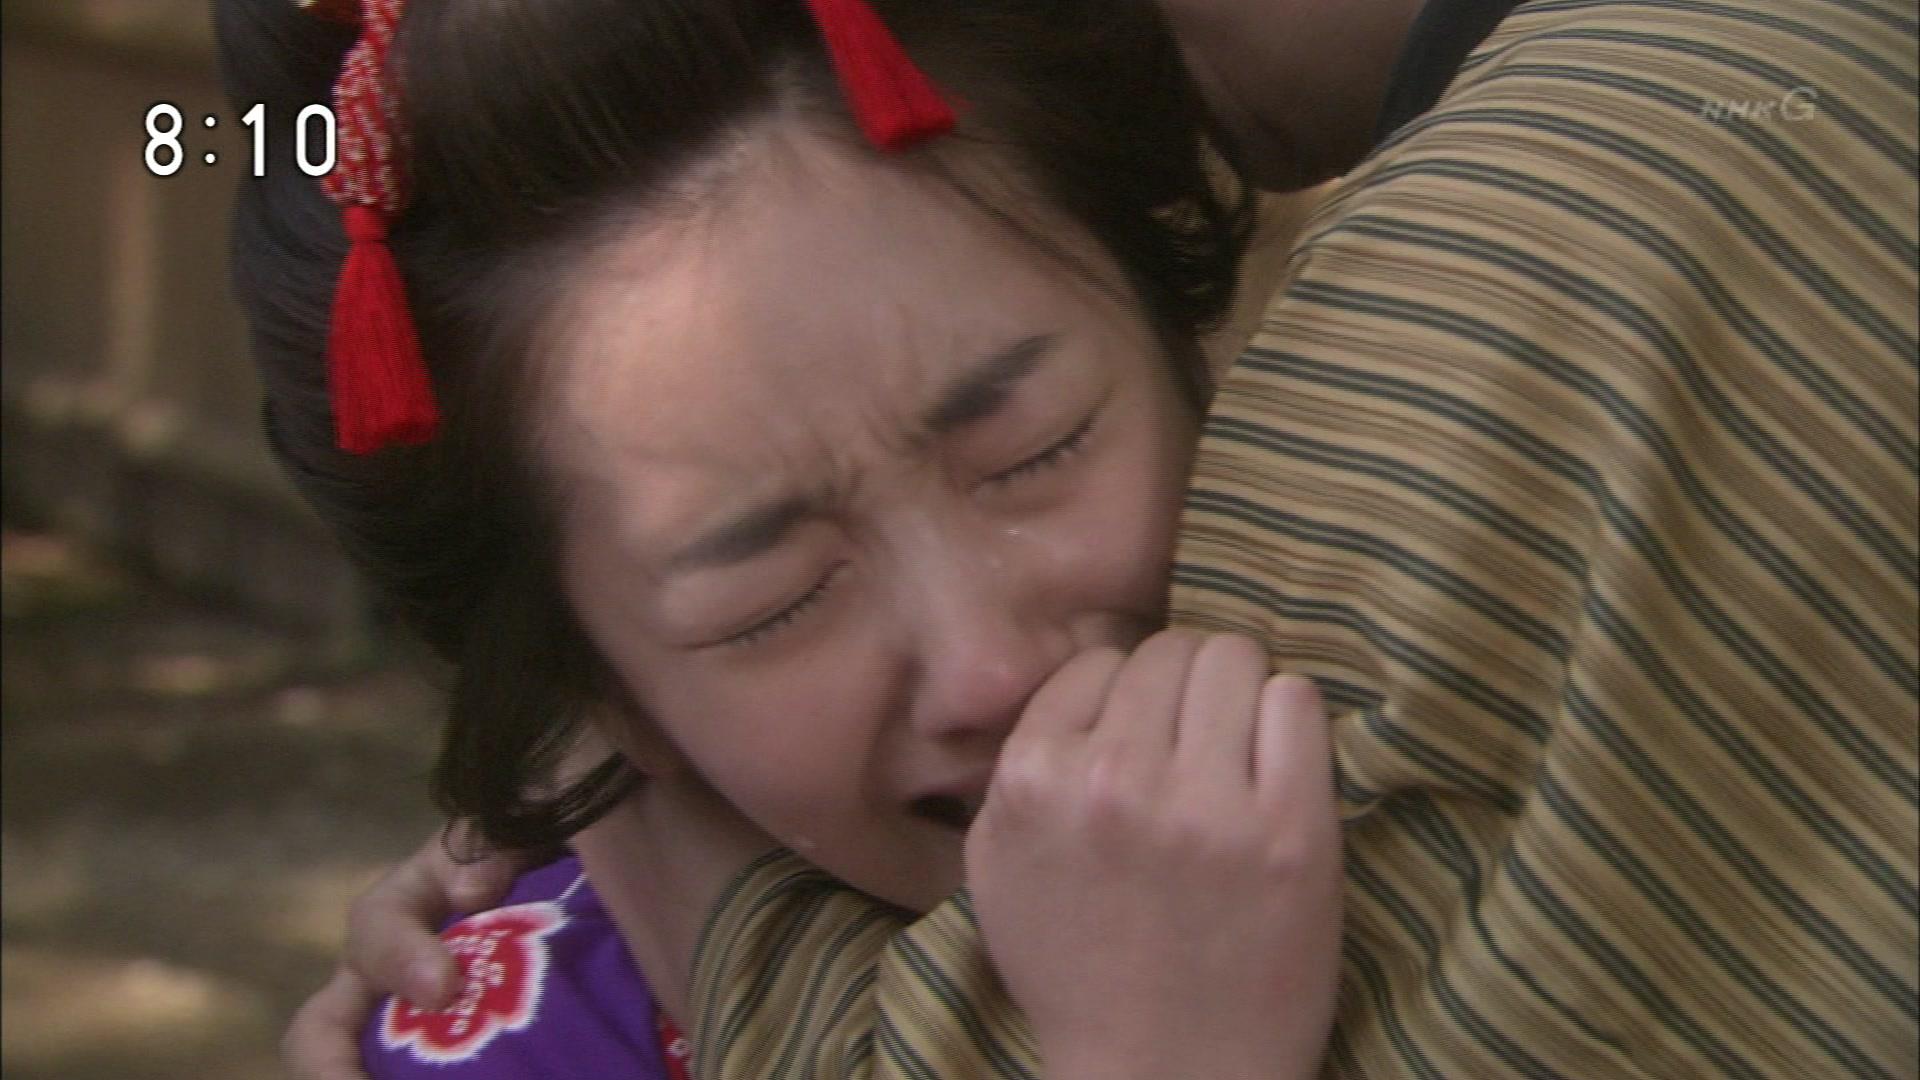 2015-10-08 08:00 連続テレビ小説 あさが来た(10)「ふたつの花びら」 2002